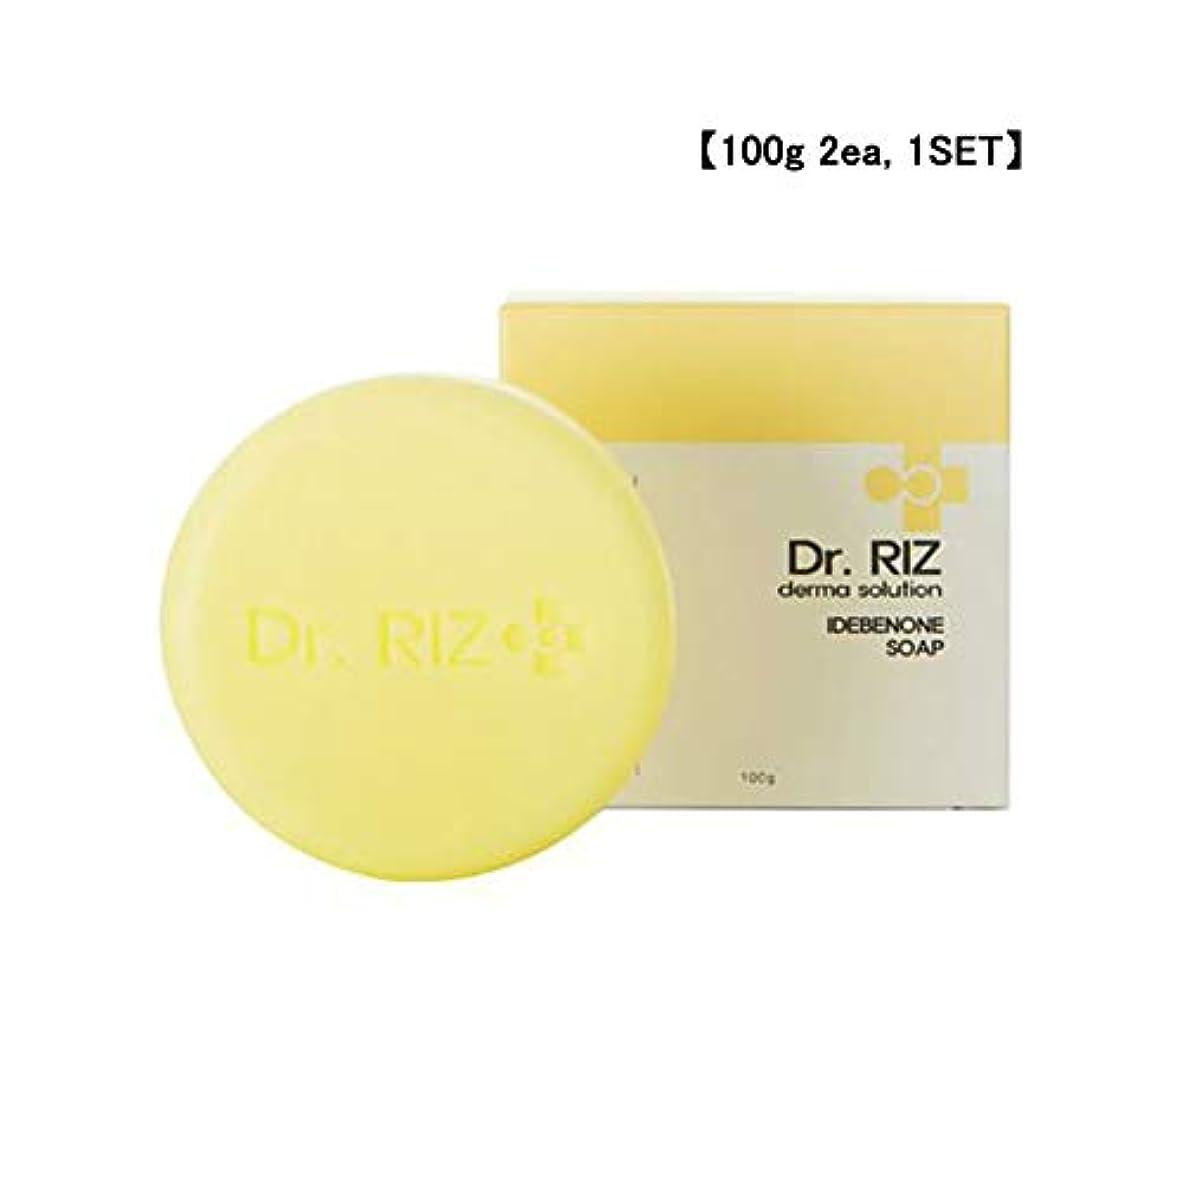 配管データム粗い【Dr.RIZ]天然手作り石鹸/イーベノン10,000ppm含有/英国オーガニック認定原料ローズヒップオイル配合/Derma solution [並行輸入品] (100g 2ea)